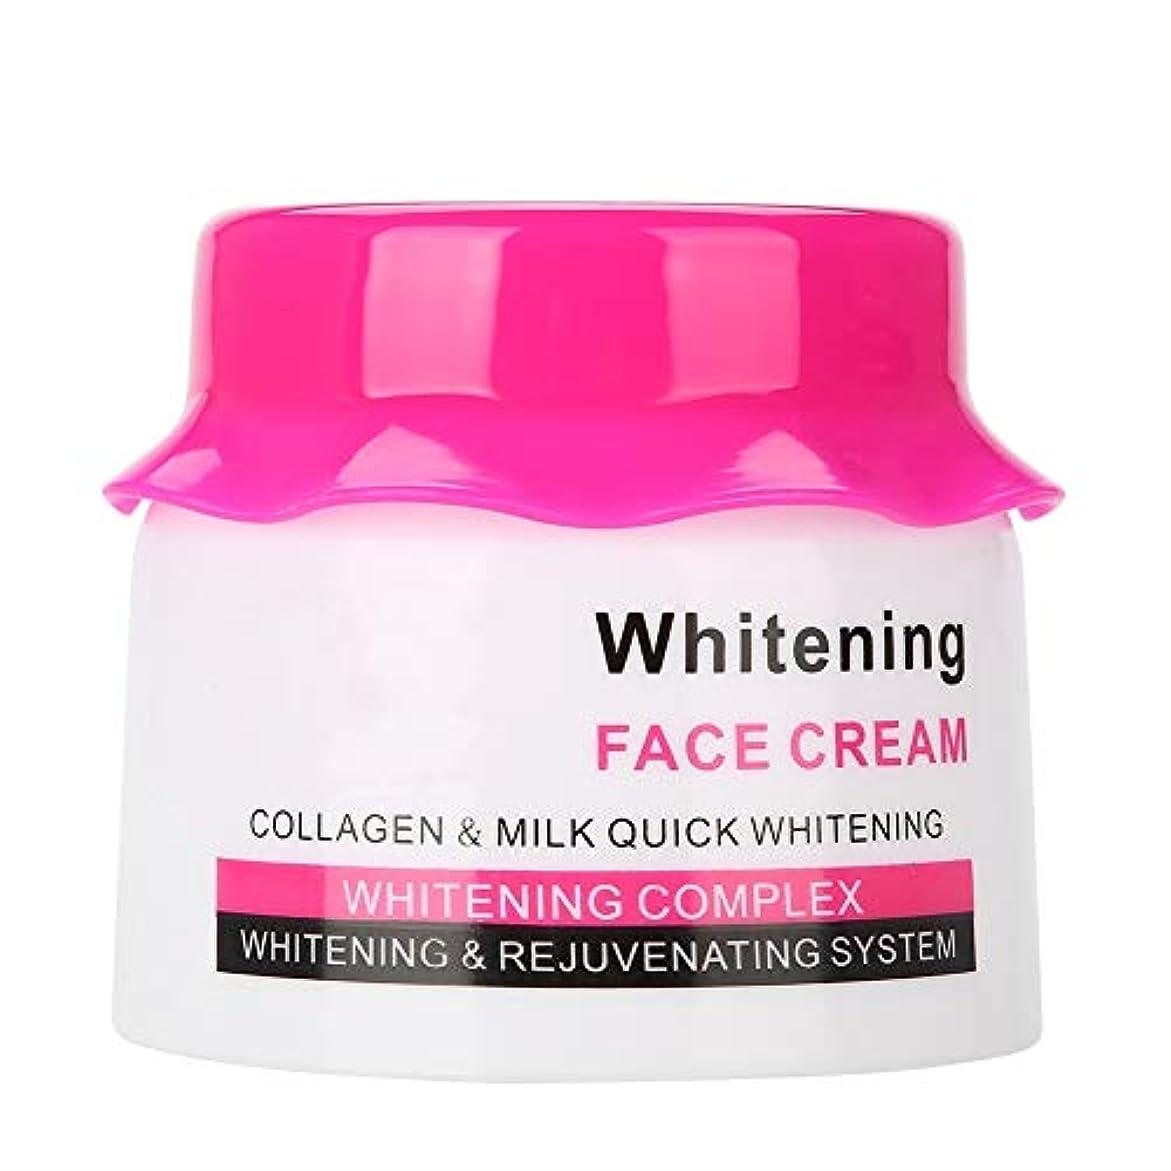 幹芸術的変位天然コラーゲン、肌のリラクゼーションと引き締まった肌の多機能、保湿引き締めフェイシャルシュリンクポアケア肌を白くするフェイシャルクリーム